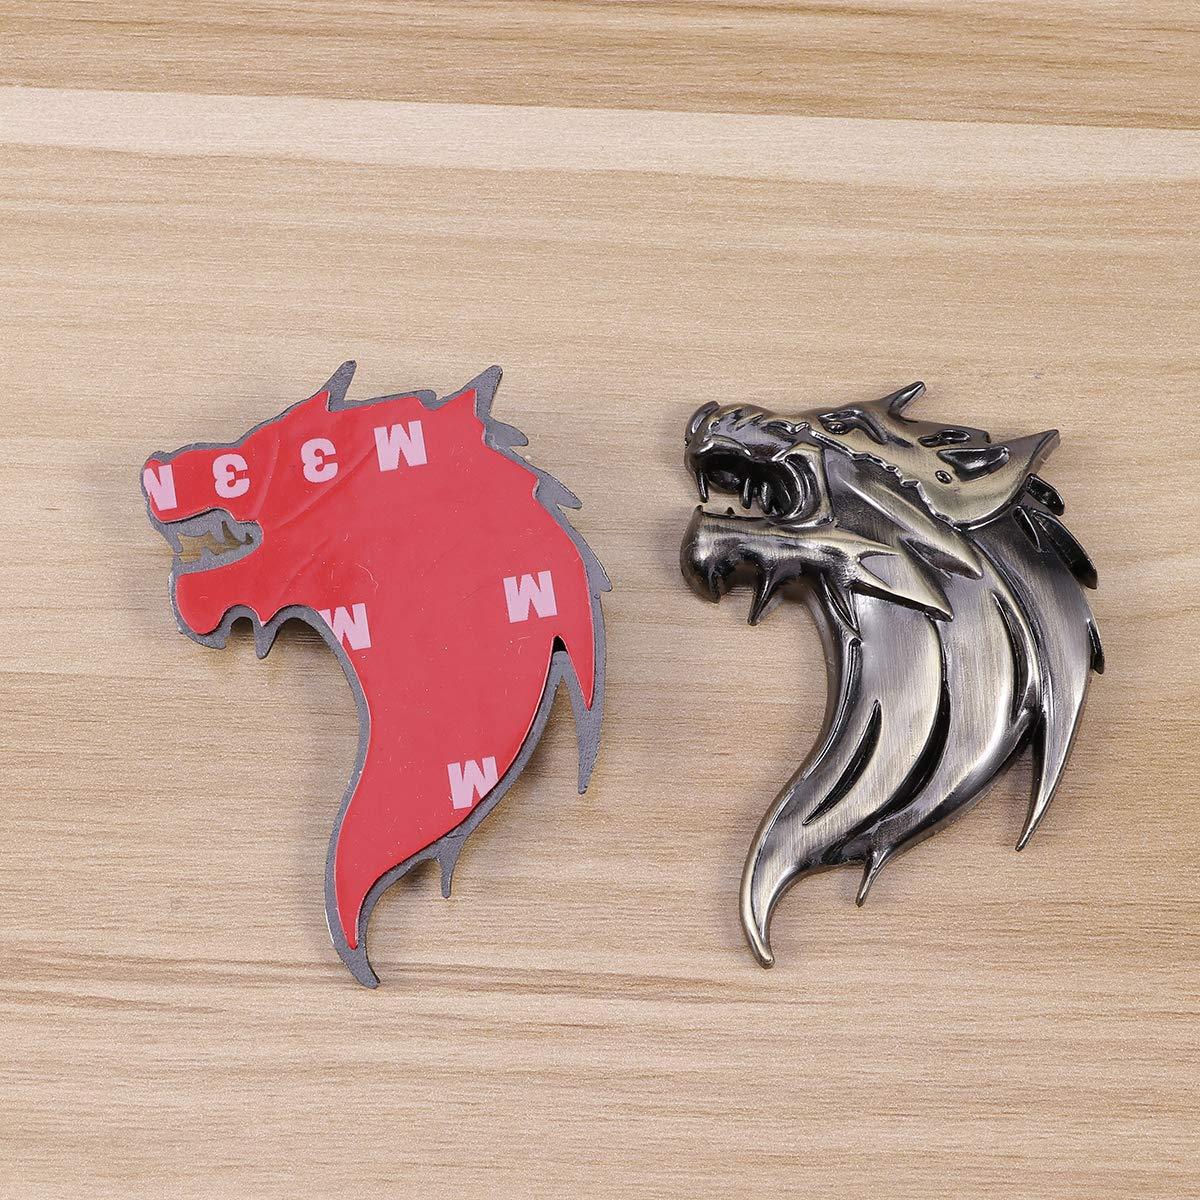 Vosarea 2pcs 3D adesivi auto decalcomania in metallo forma testa di lupo auto auto camion emblema decalcomania decorazione